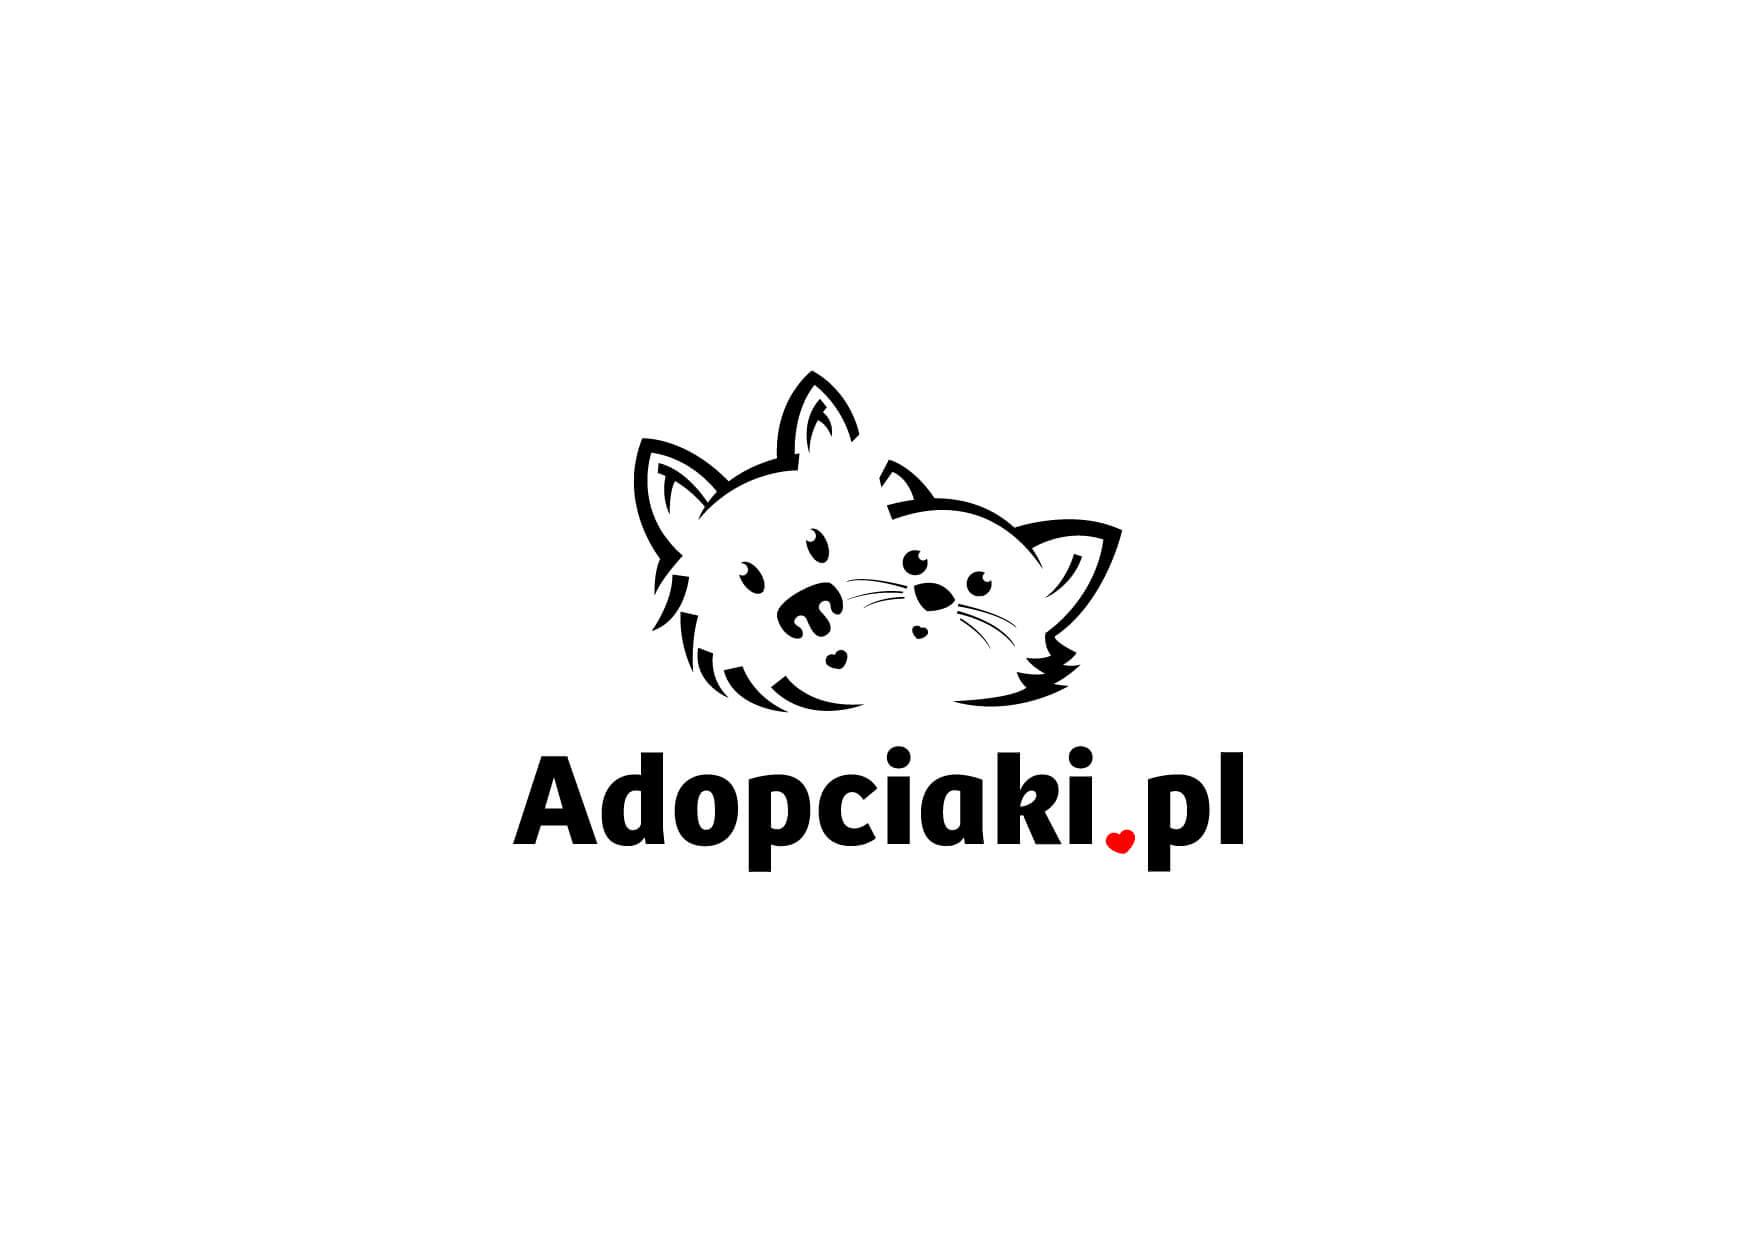 Logo Adopciaki.pl – Wrocław